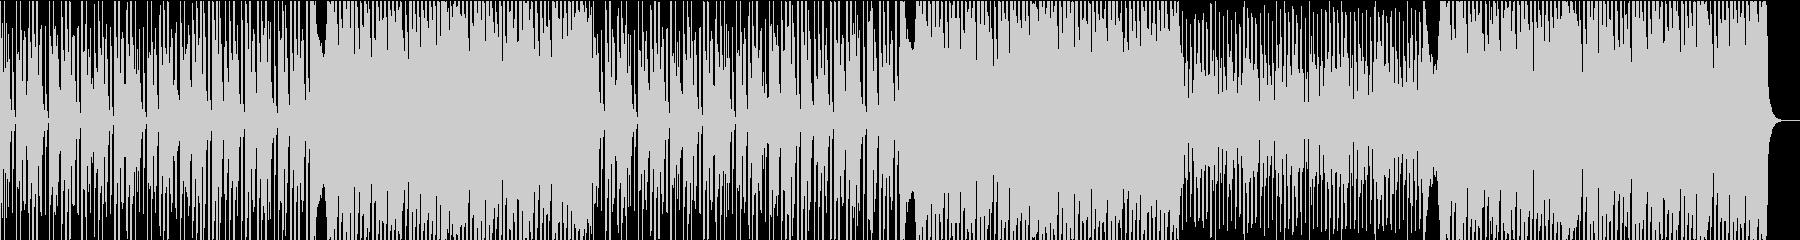 セクシーでリズミカルなこの曲は、間...の未再生の波形